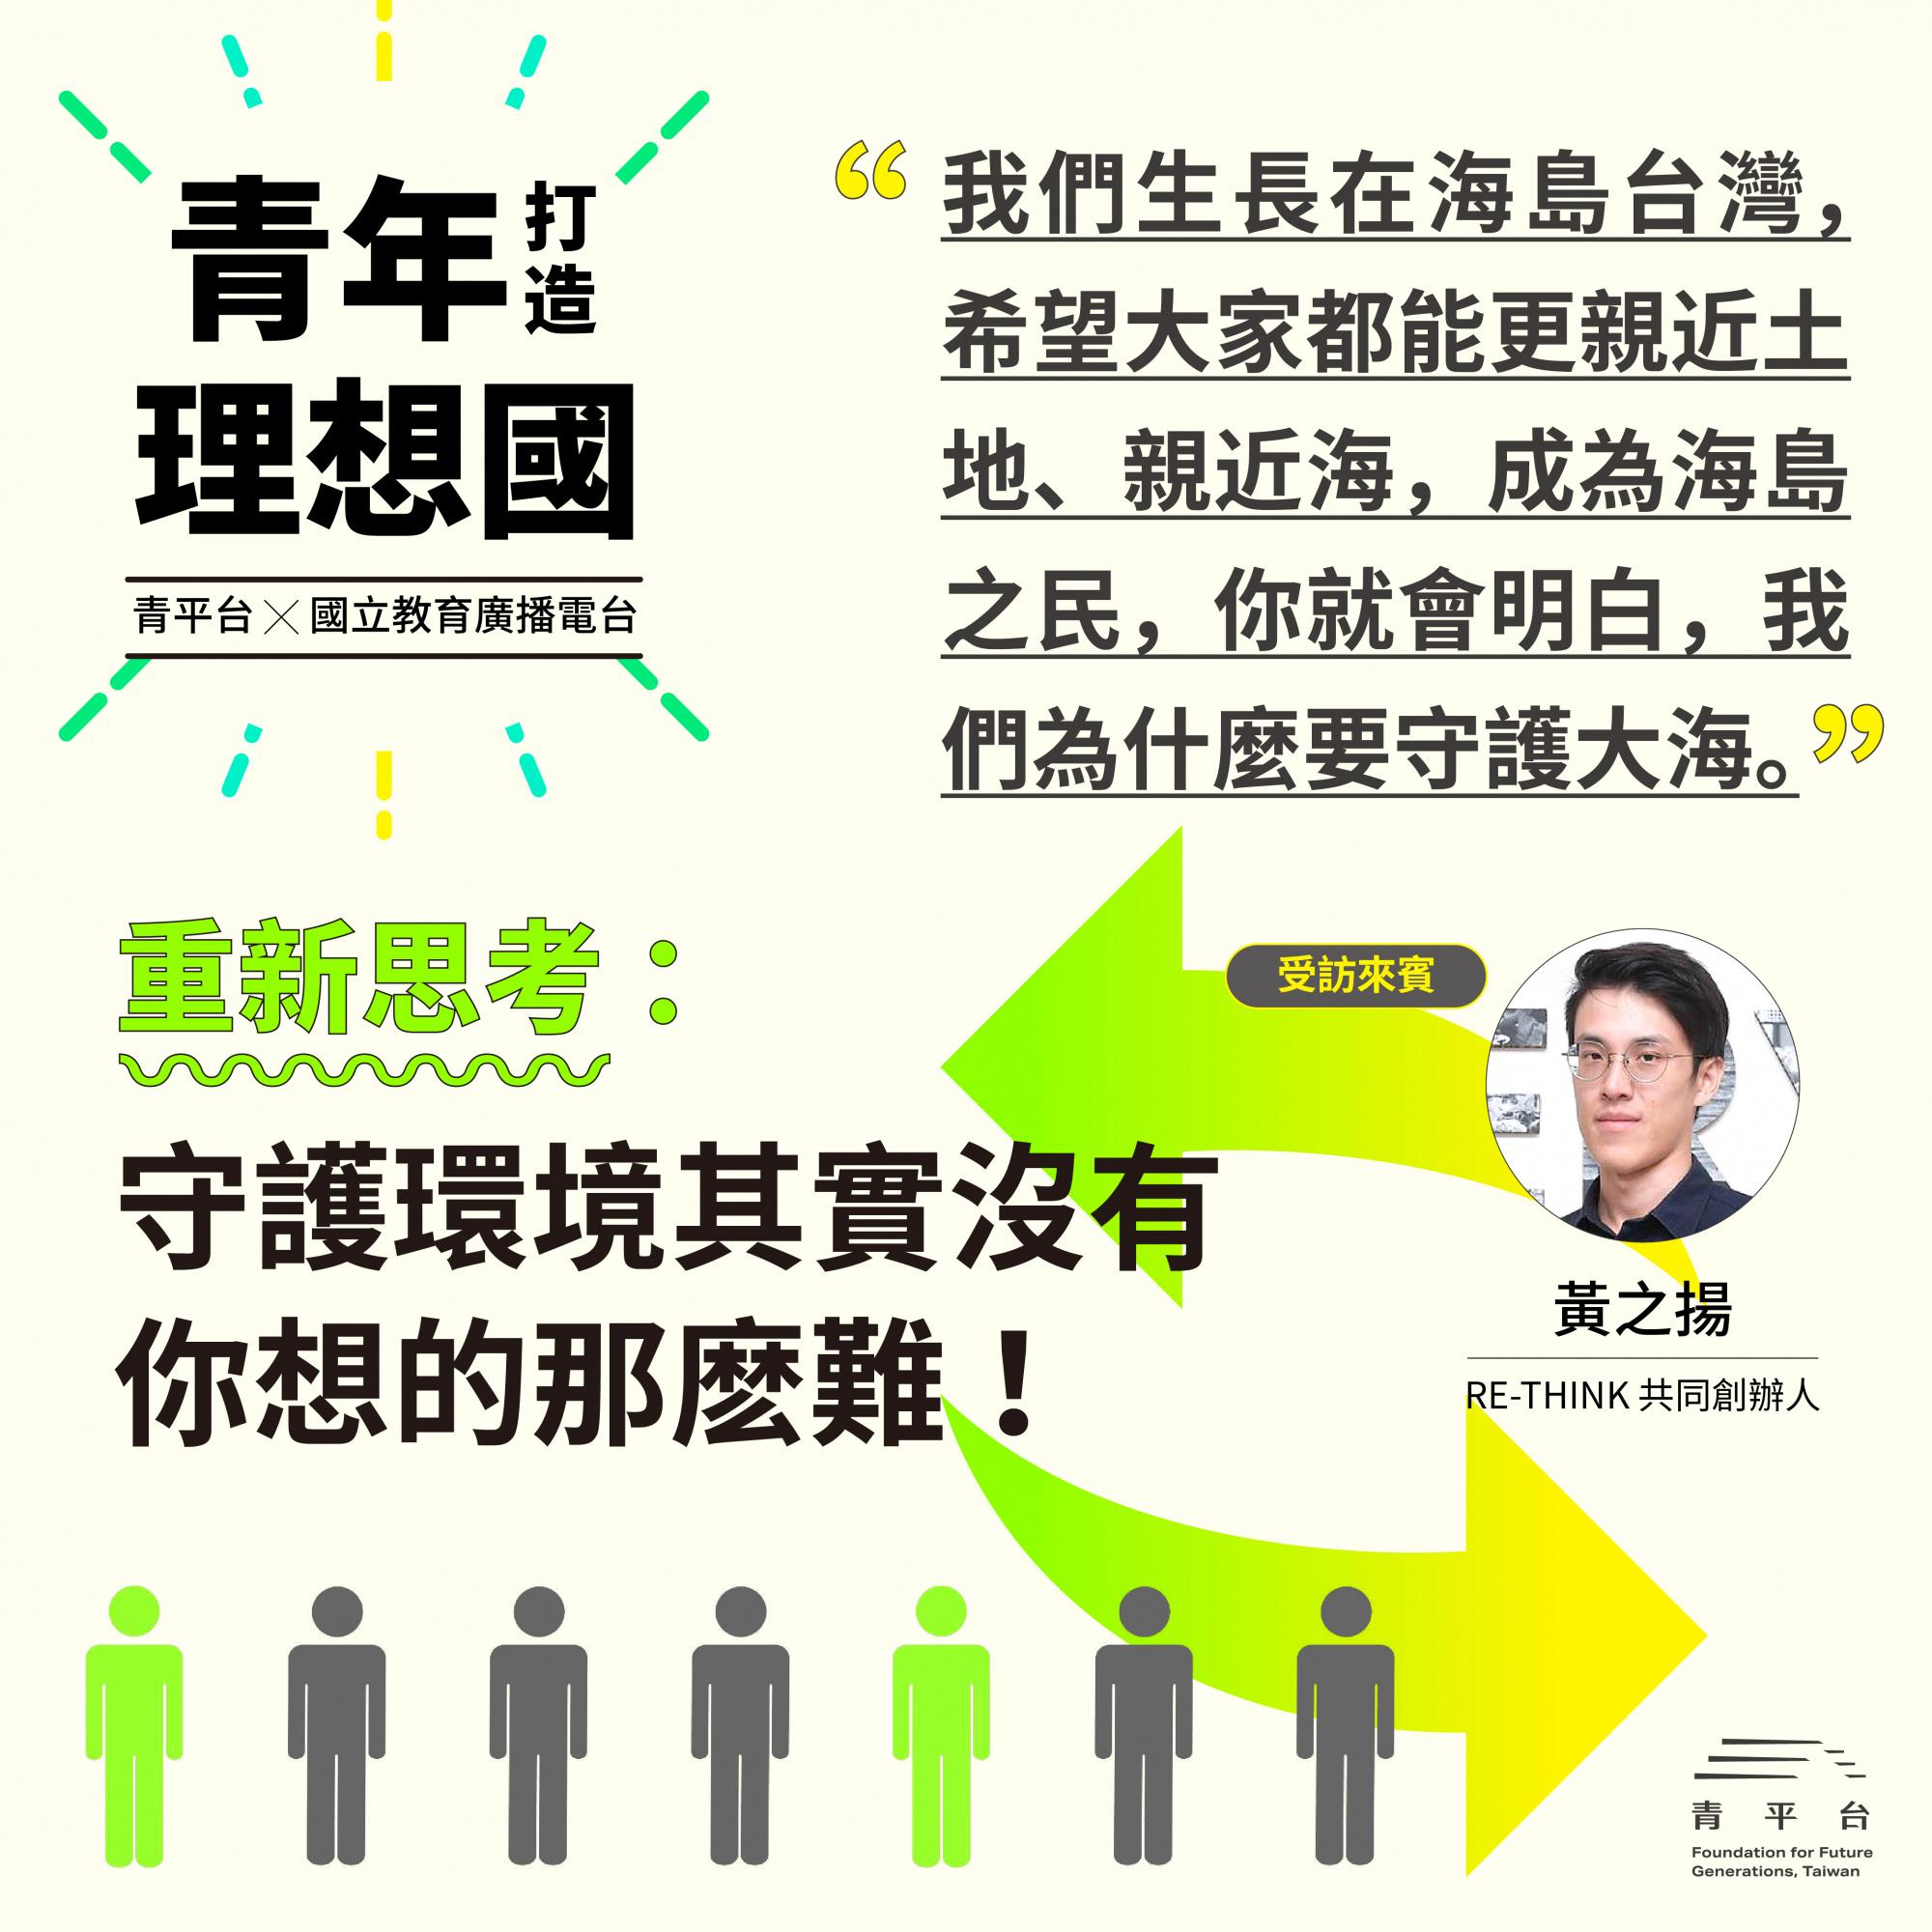 青年打造理想國-202108.jpg